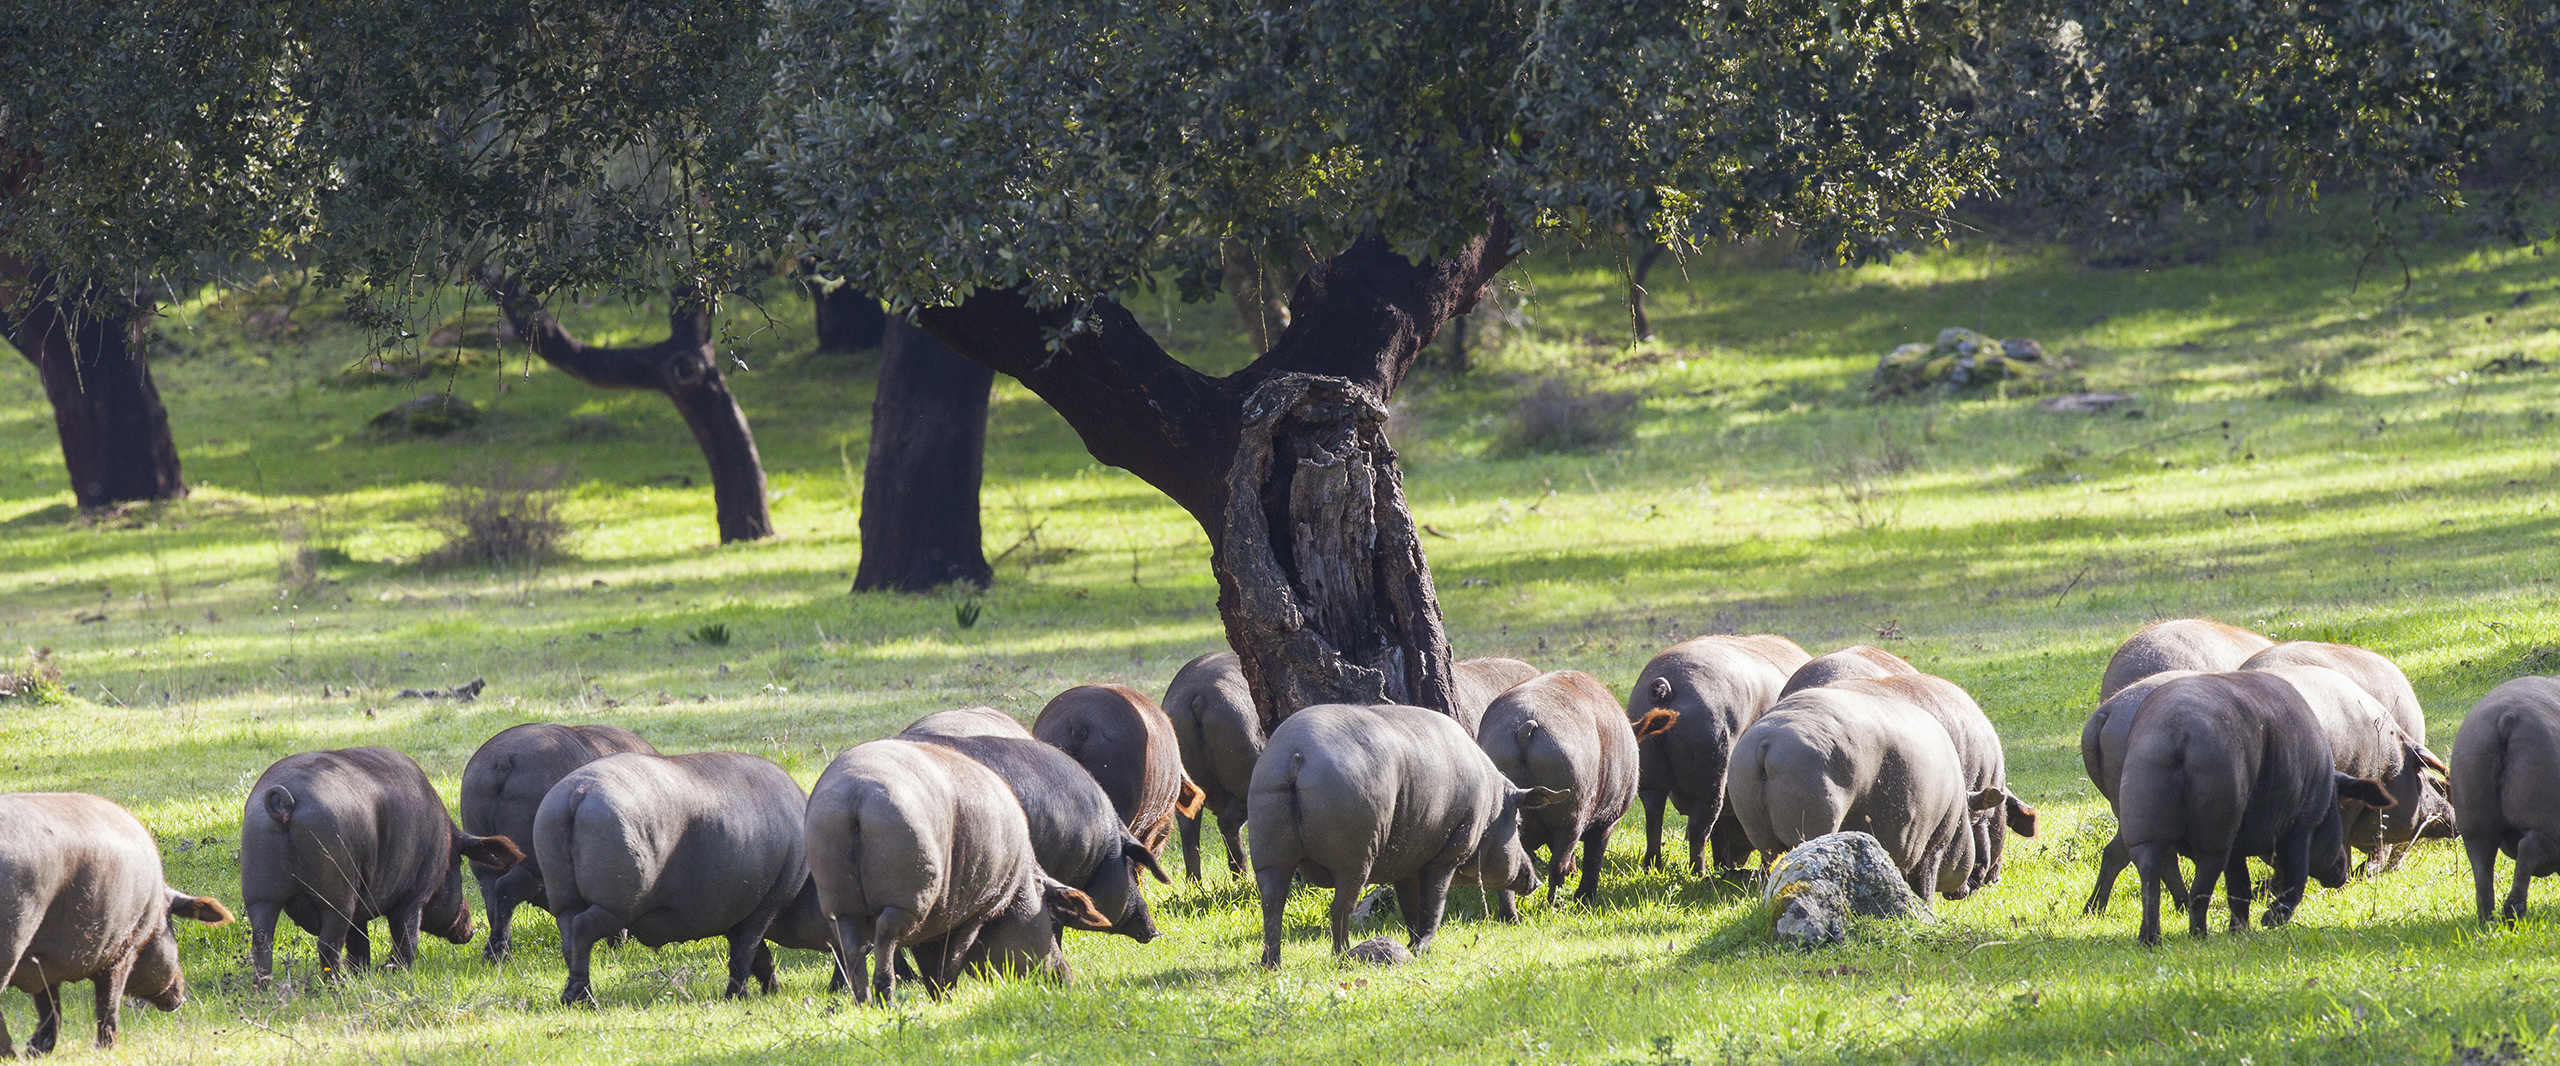 Schwarze Schweine essen genuesslich auf Wiese mit Korkeichen